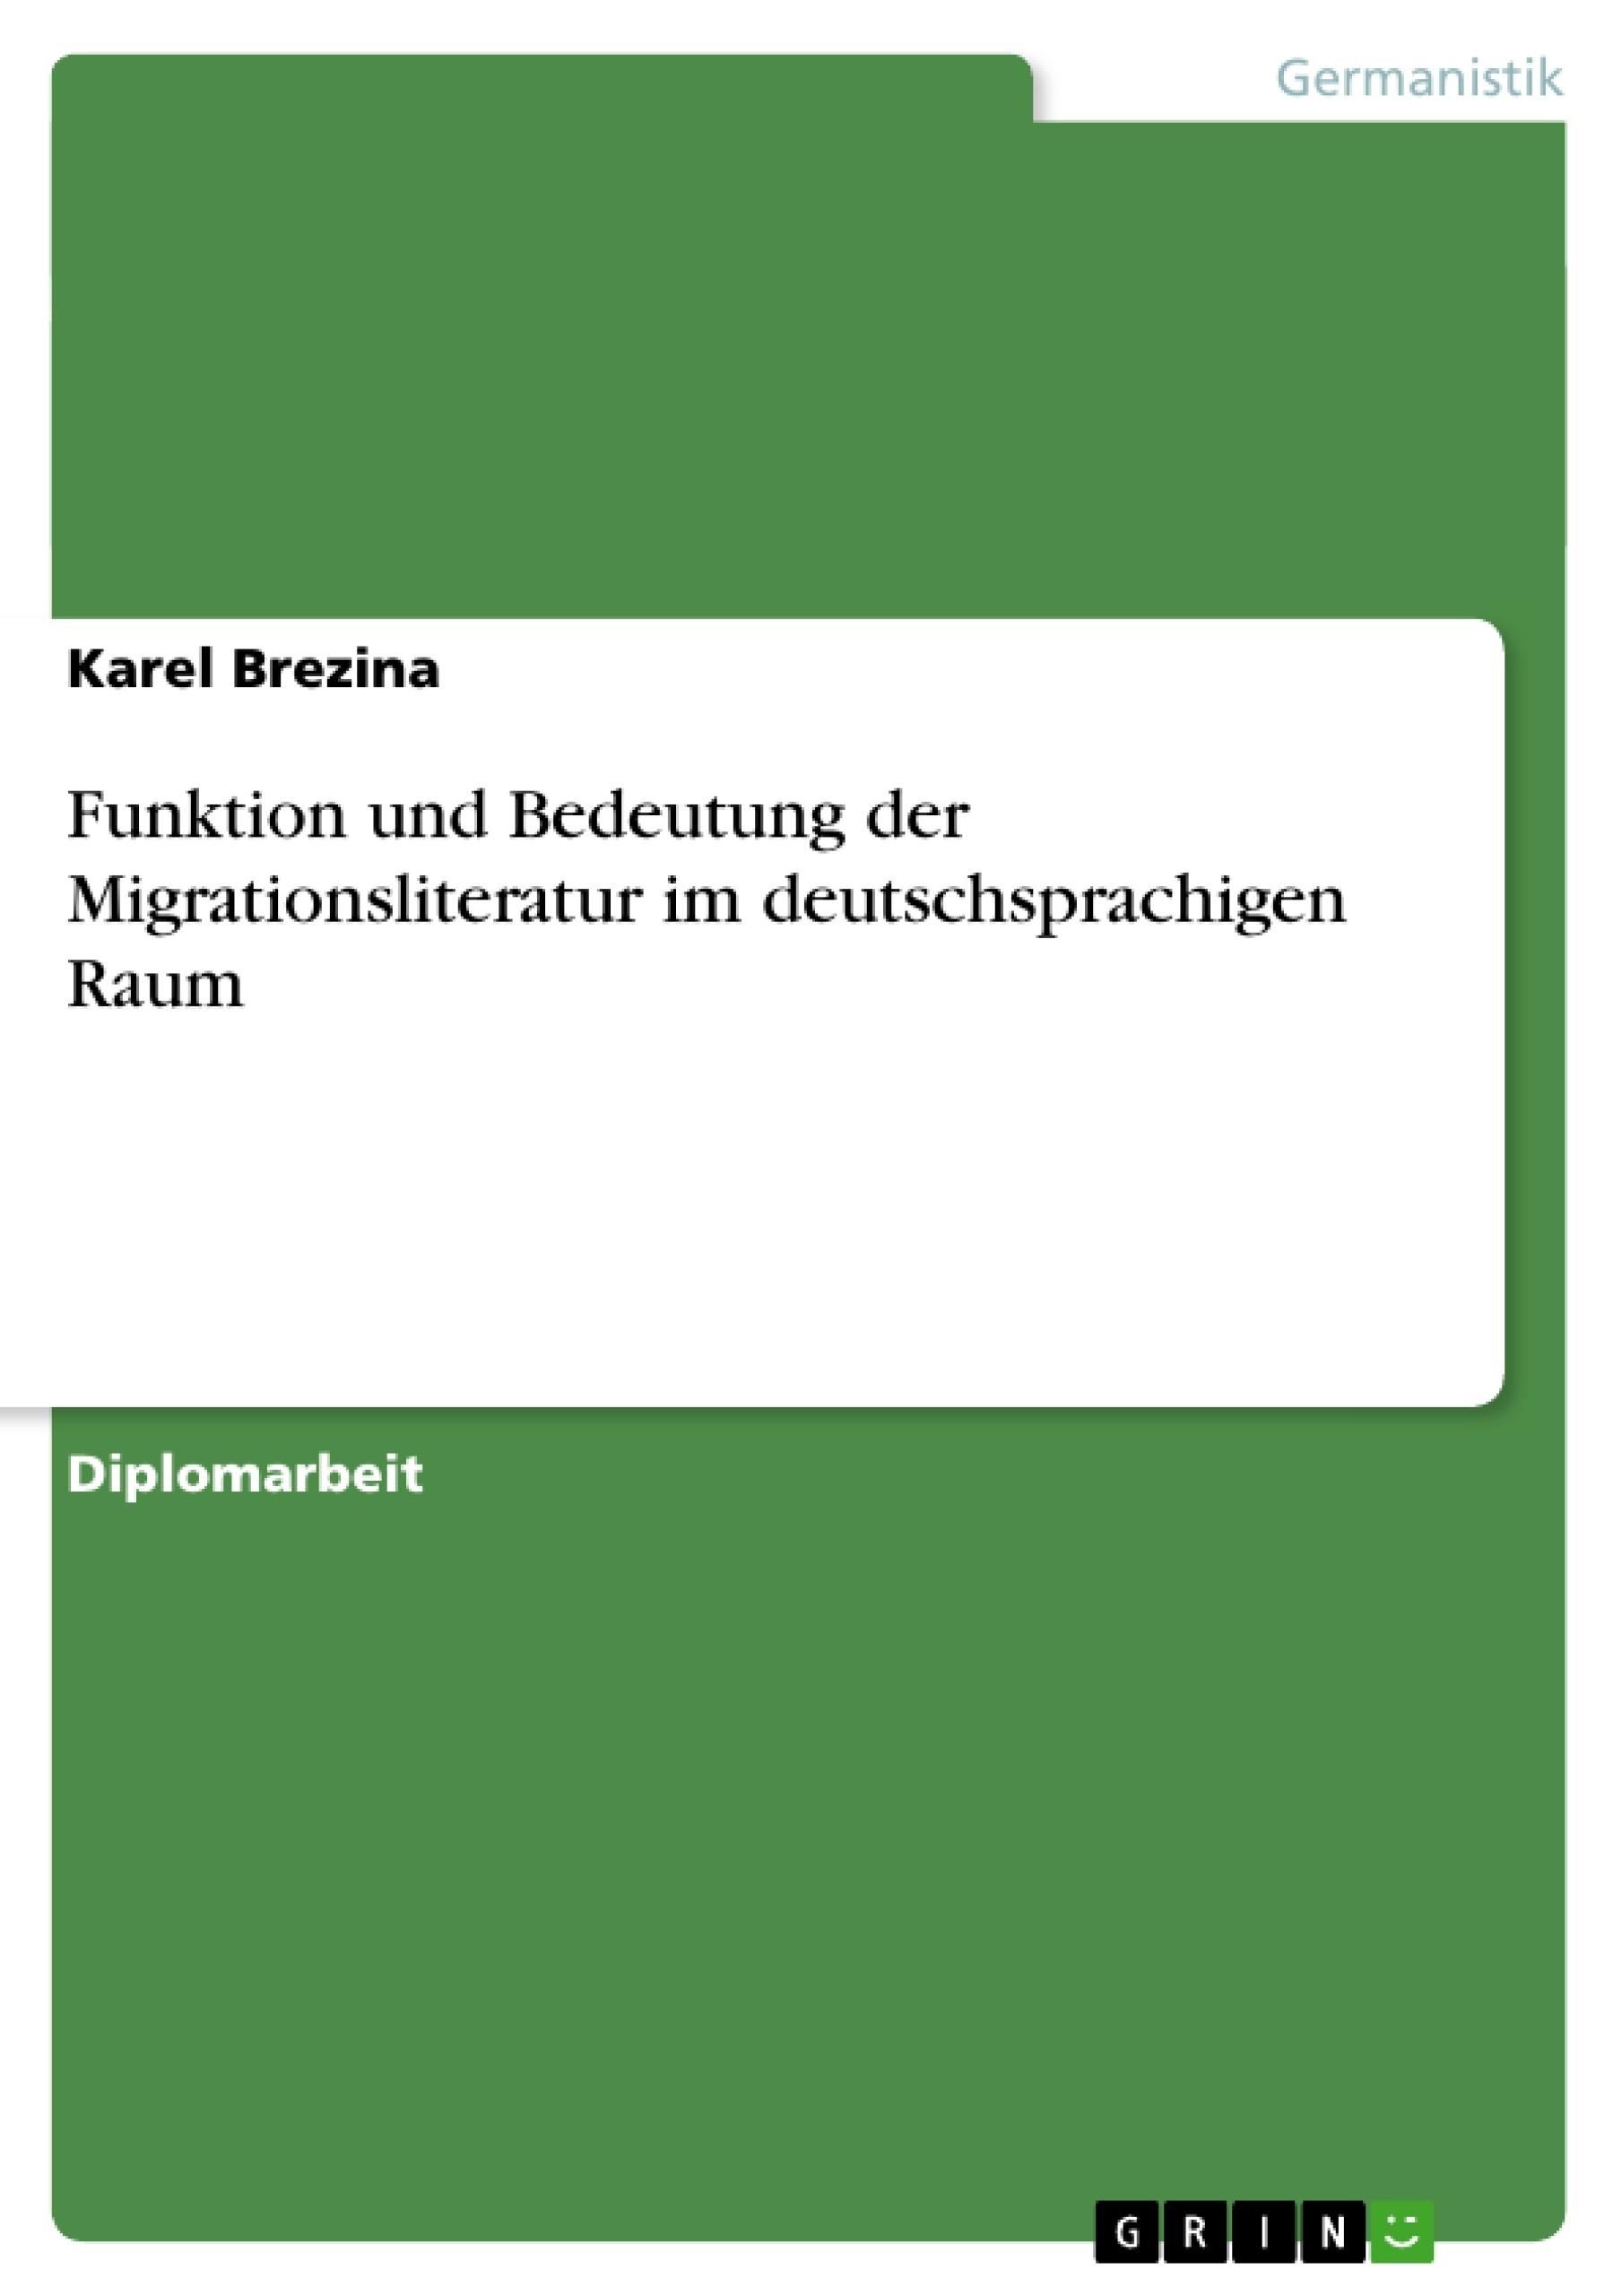 Titel: Funktion und Bedeutung der Migrationsliteratur im deutschsprachigen Raum